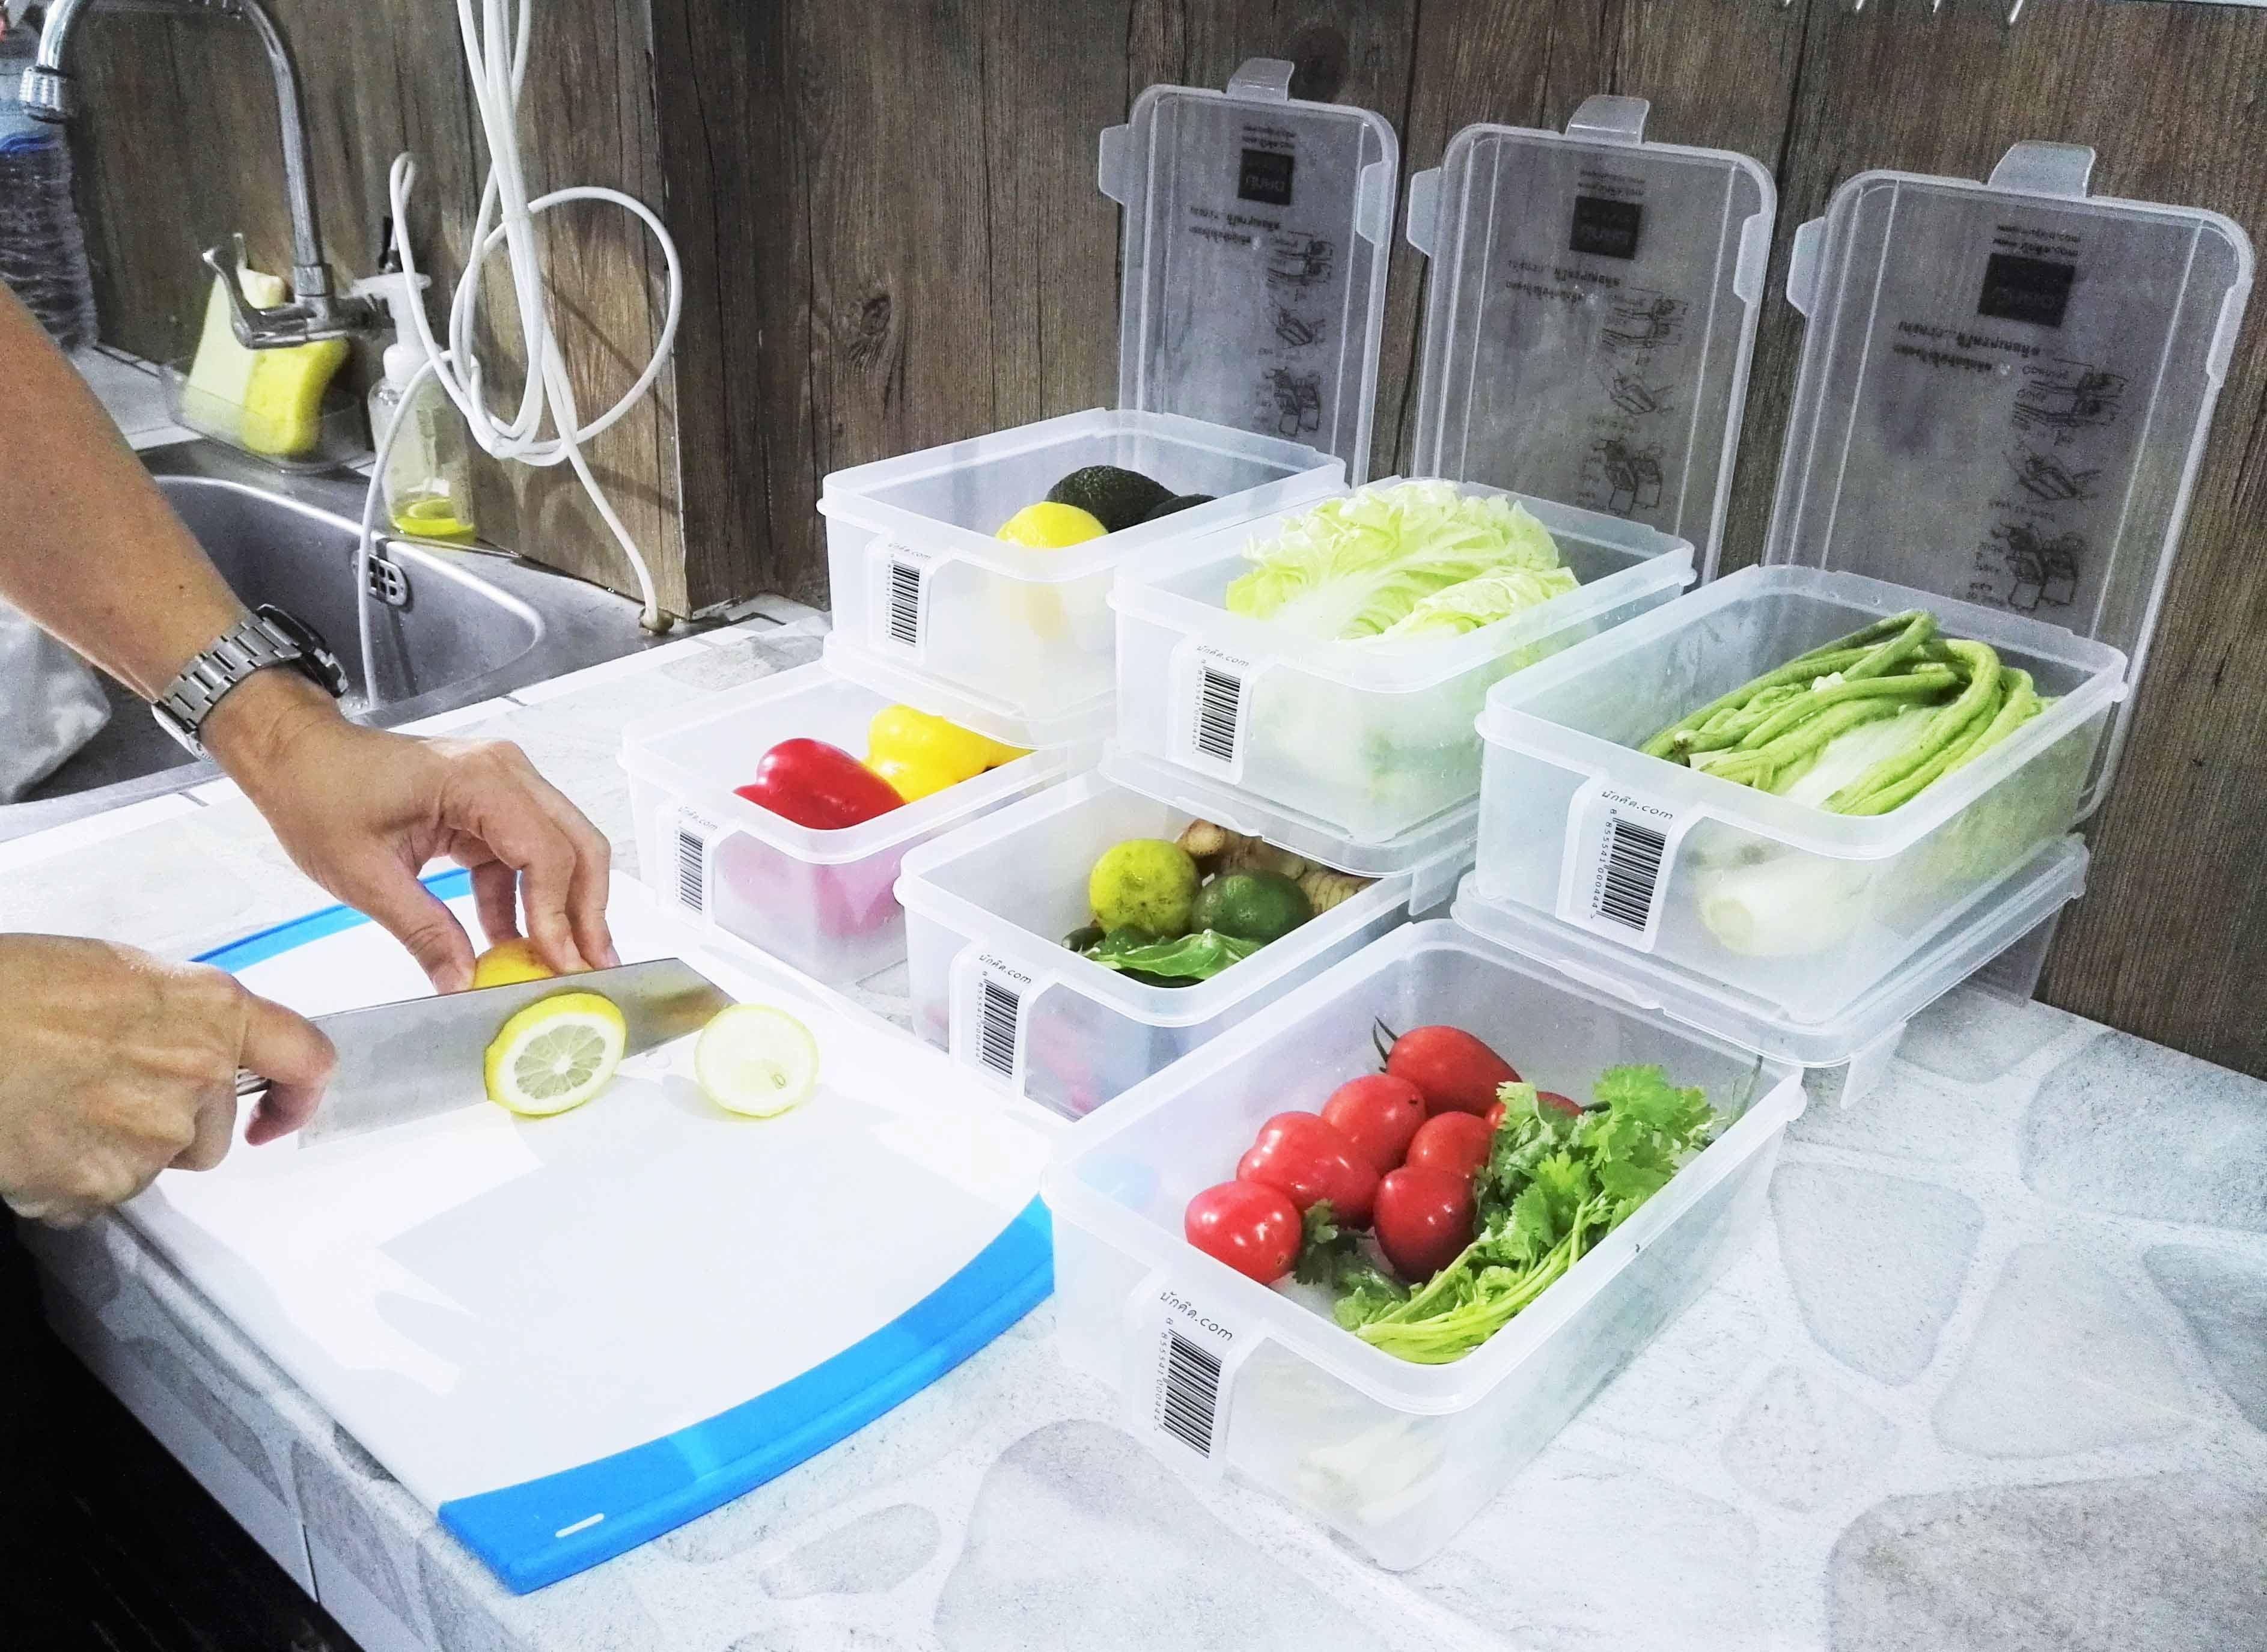 กล่องนักคิด กล่องจัดตู้เย็น จัดระเบียบตู้เย็น ไมโครเวฟ กล่องฟู้ดเกรด กล่องเก็บผัก เก็บผลไม้ กล่องเก็บอาหาร กล่องล็อค กล่องซีลอากาศ กล่องใส่อาหาร